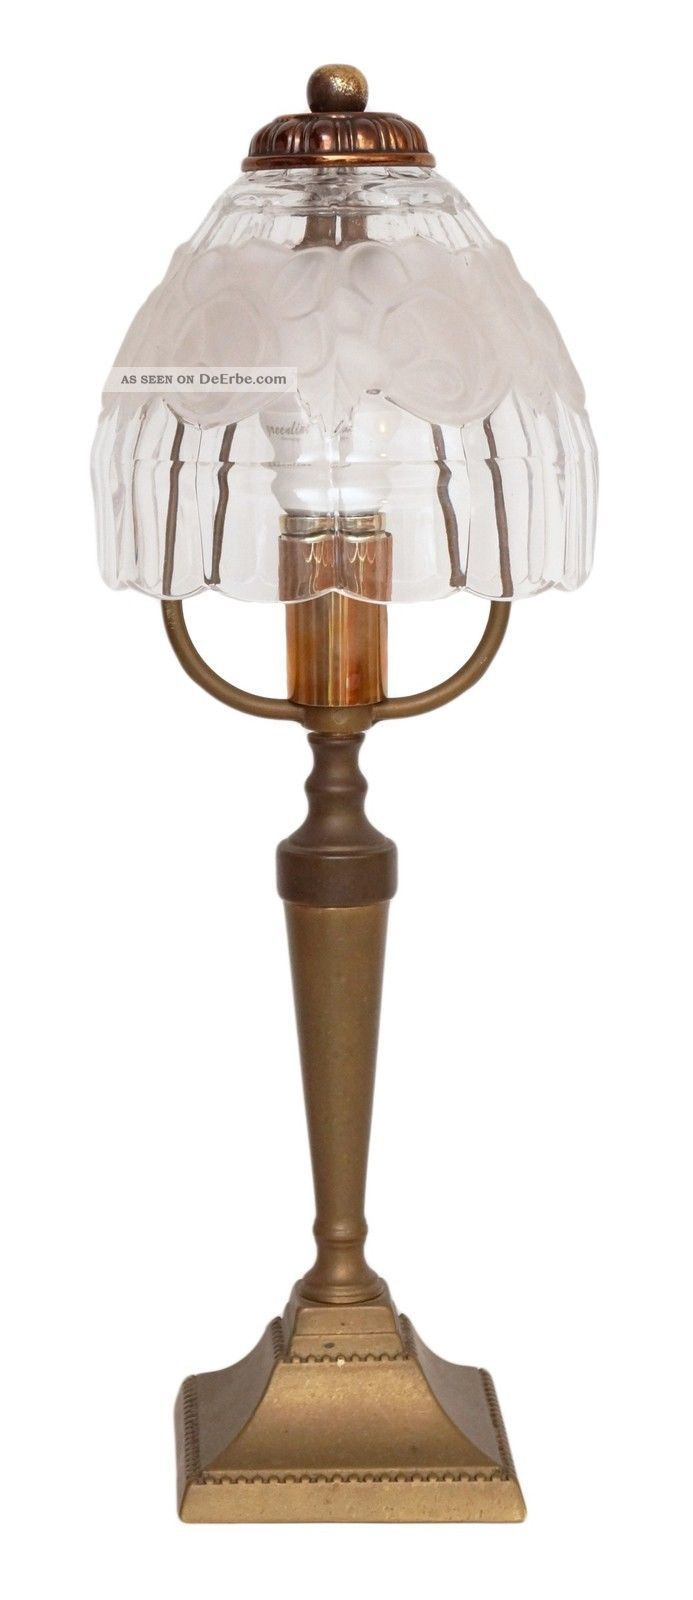 zierliche jugendstil tischlampe nachttischleuchte messing 1920 rosen. Black Bedroom Furniture Sets. Home Design Ideas